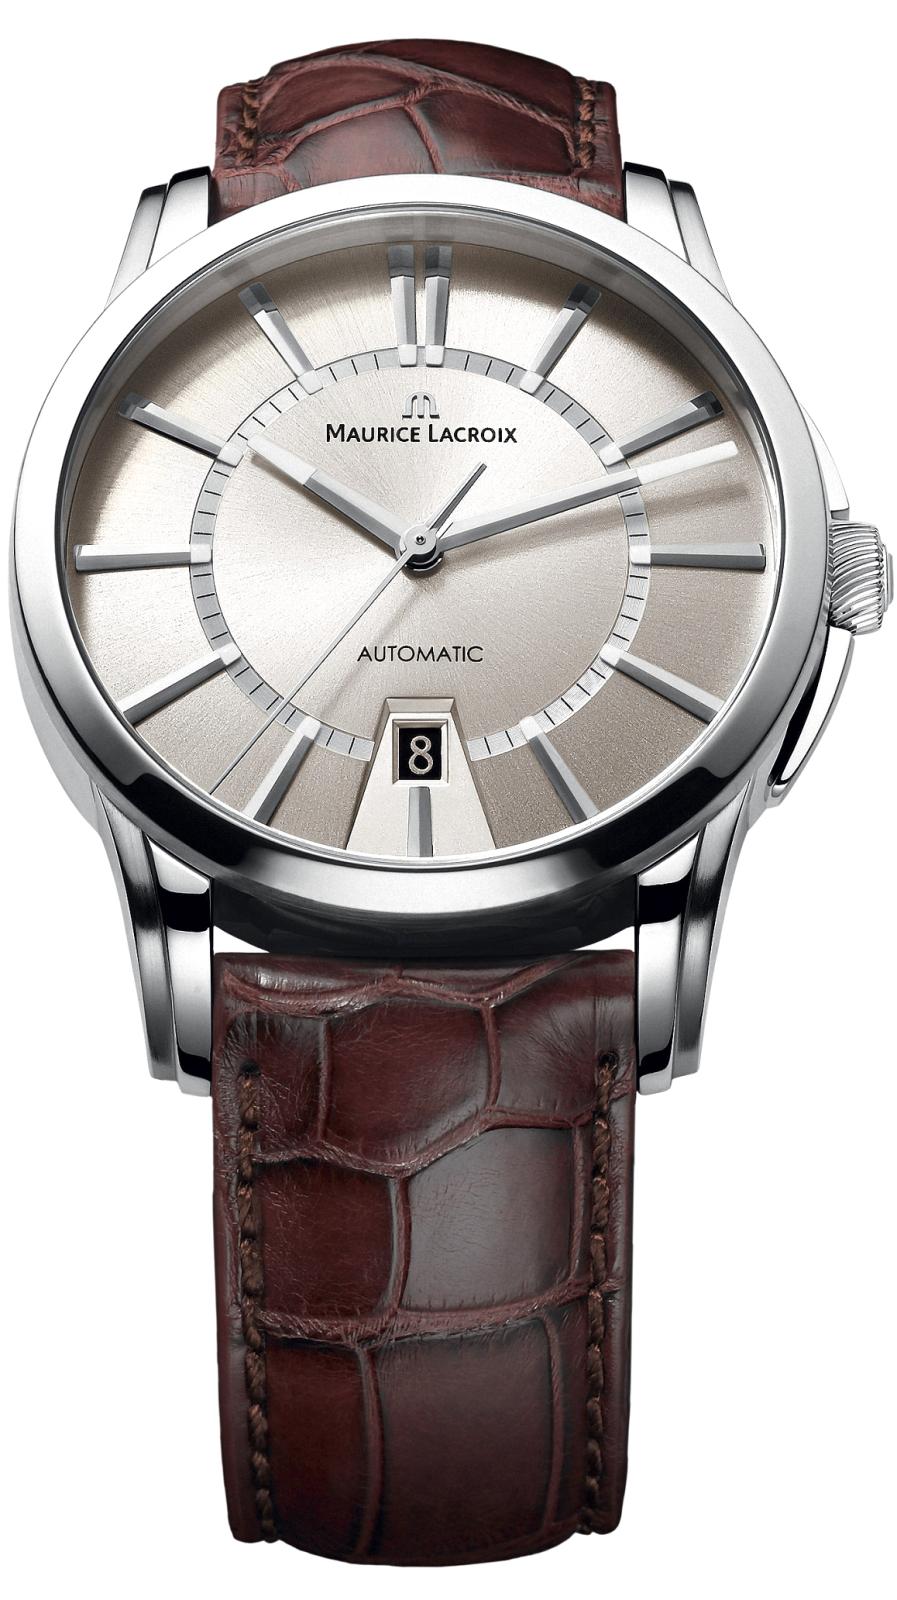 Maurice Lacroix Pontos PT6148-SS001-130 от Maurice Lacroix